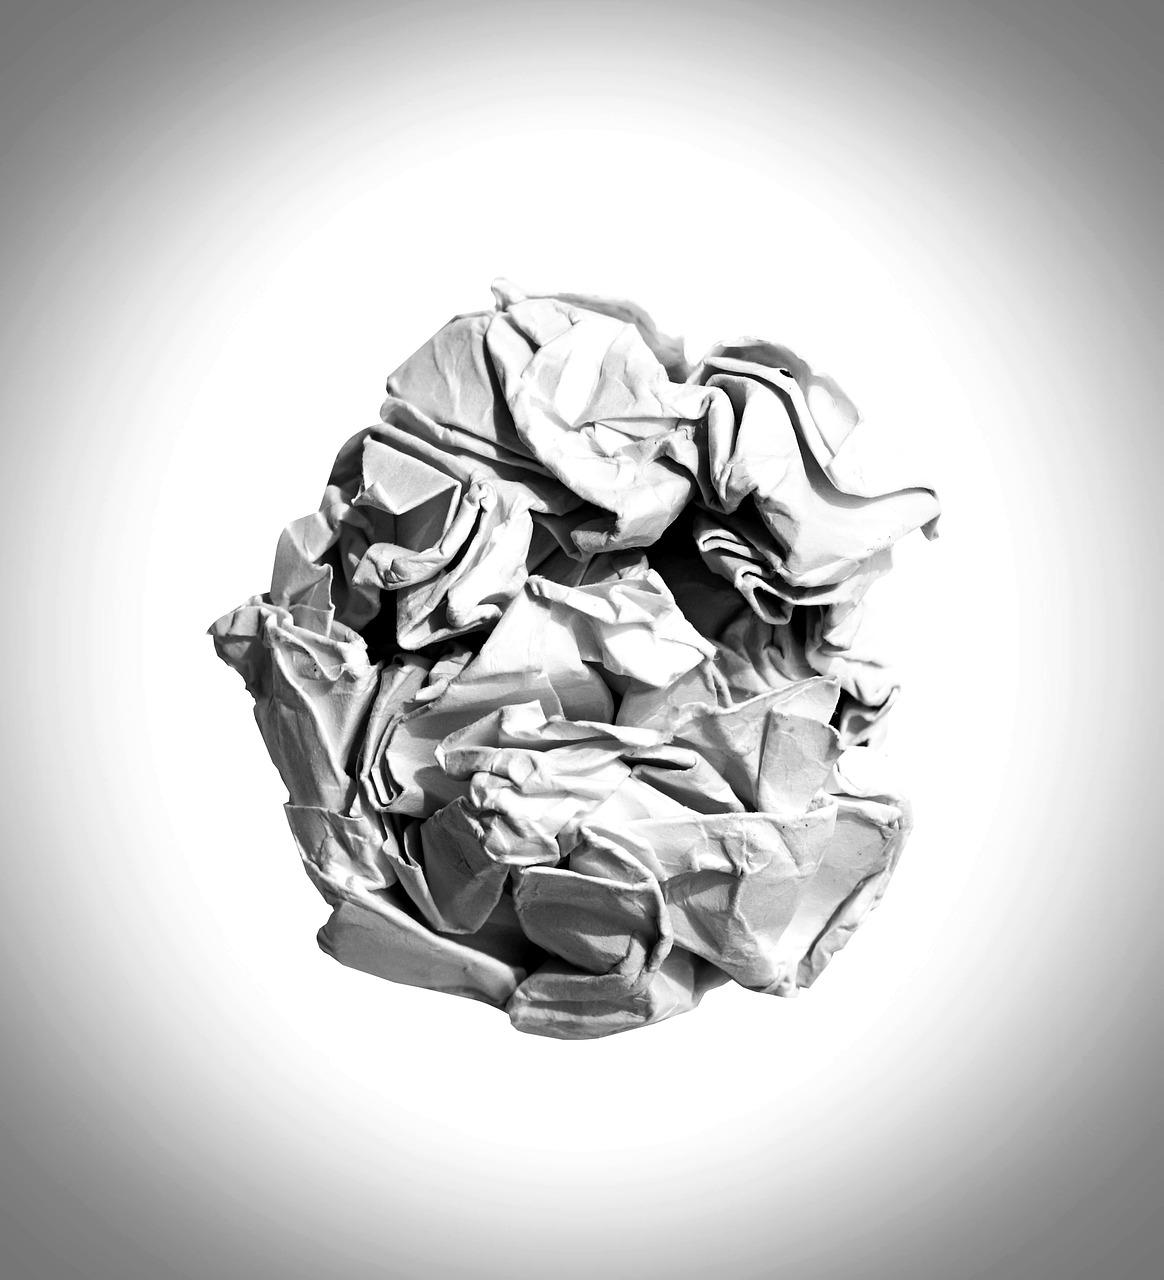 Por qué es importante reciclar papel